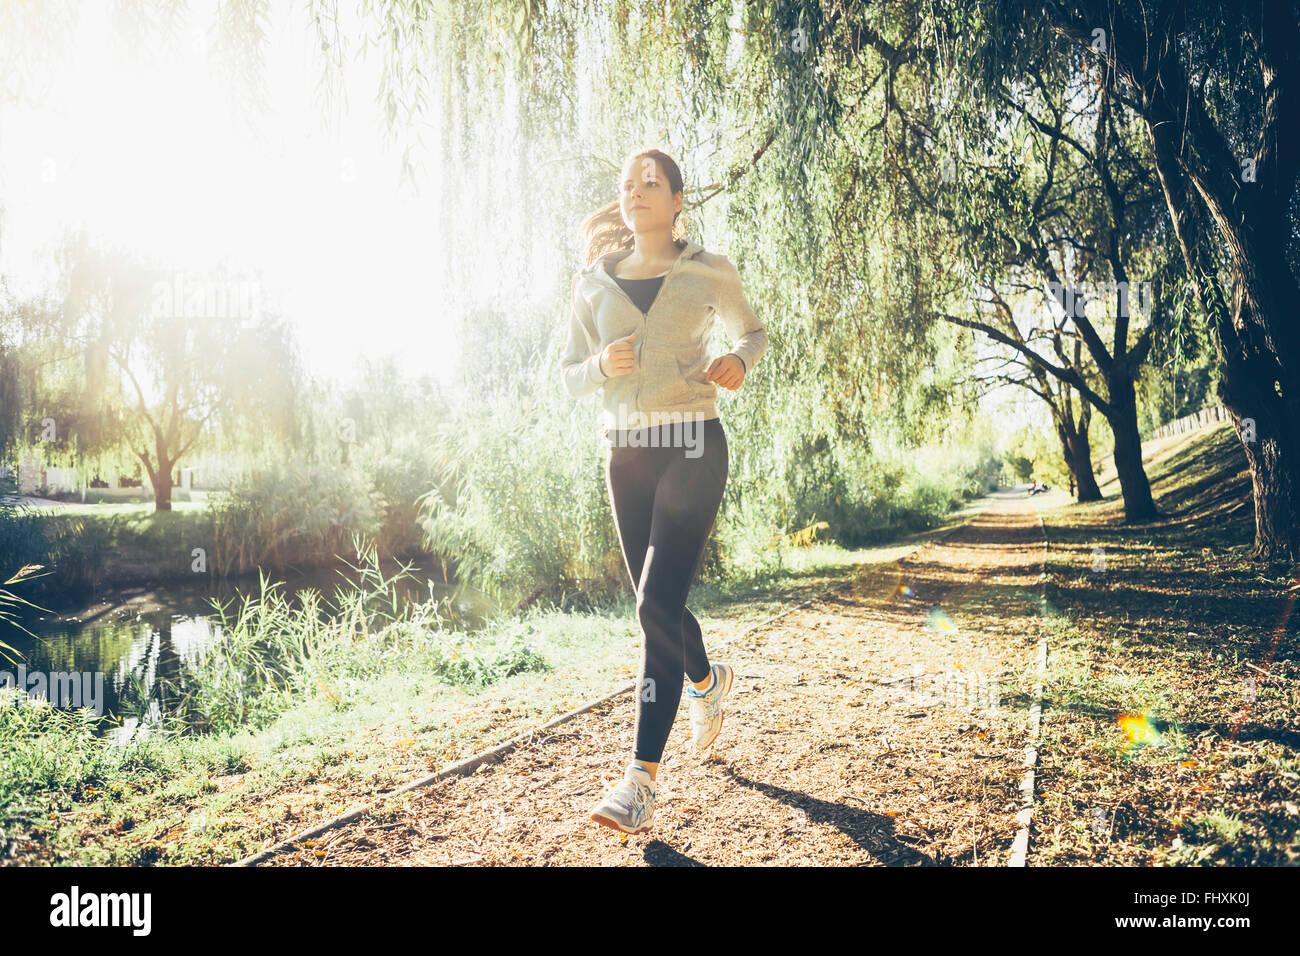 Montare la donna a fare jogging nel parco circondato da alberi Immagini Stock